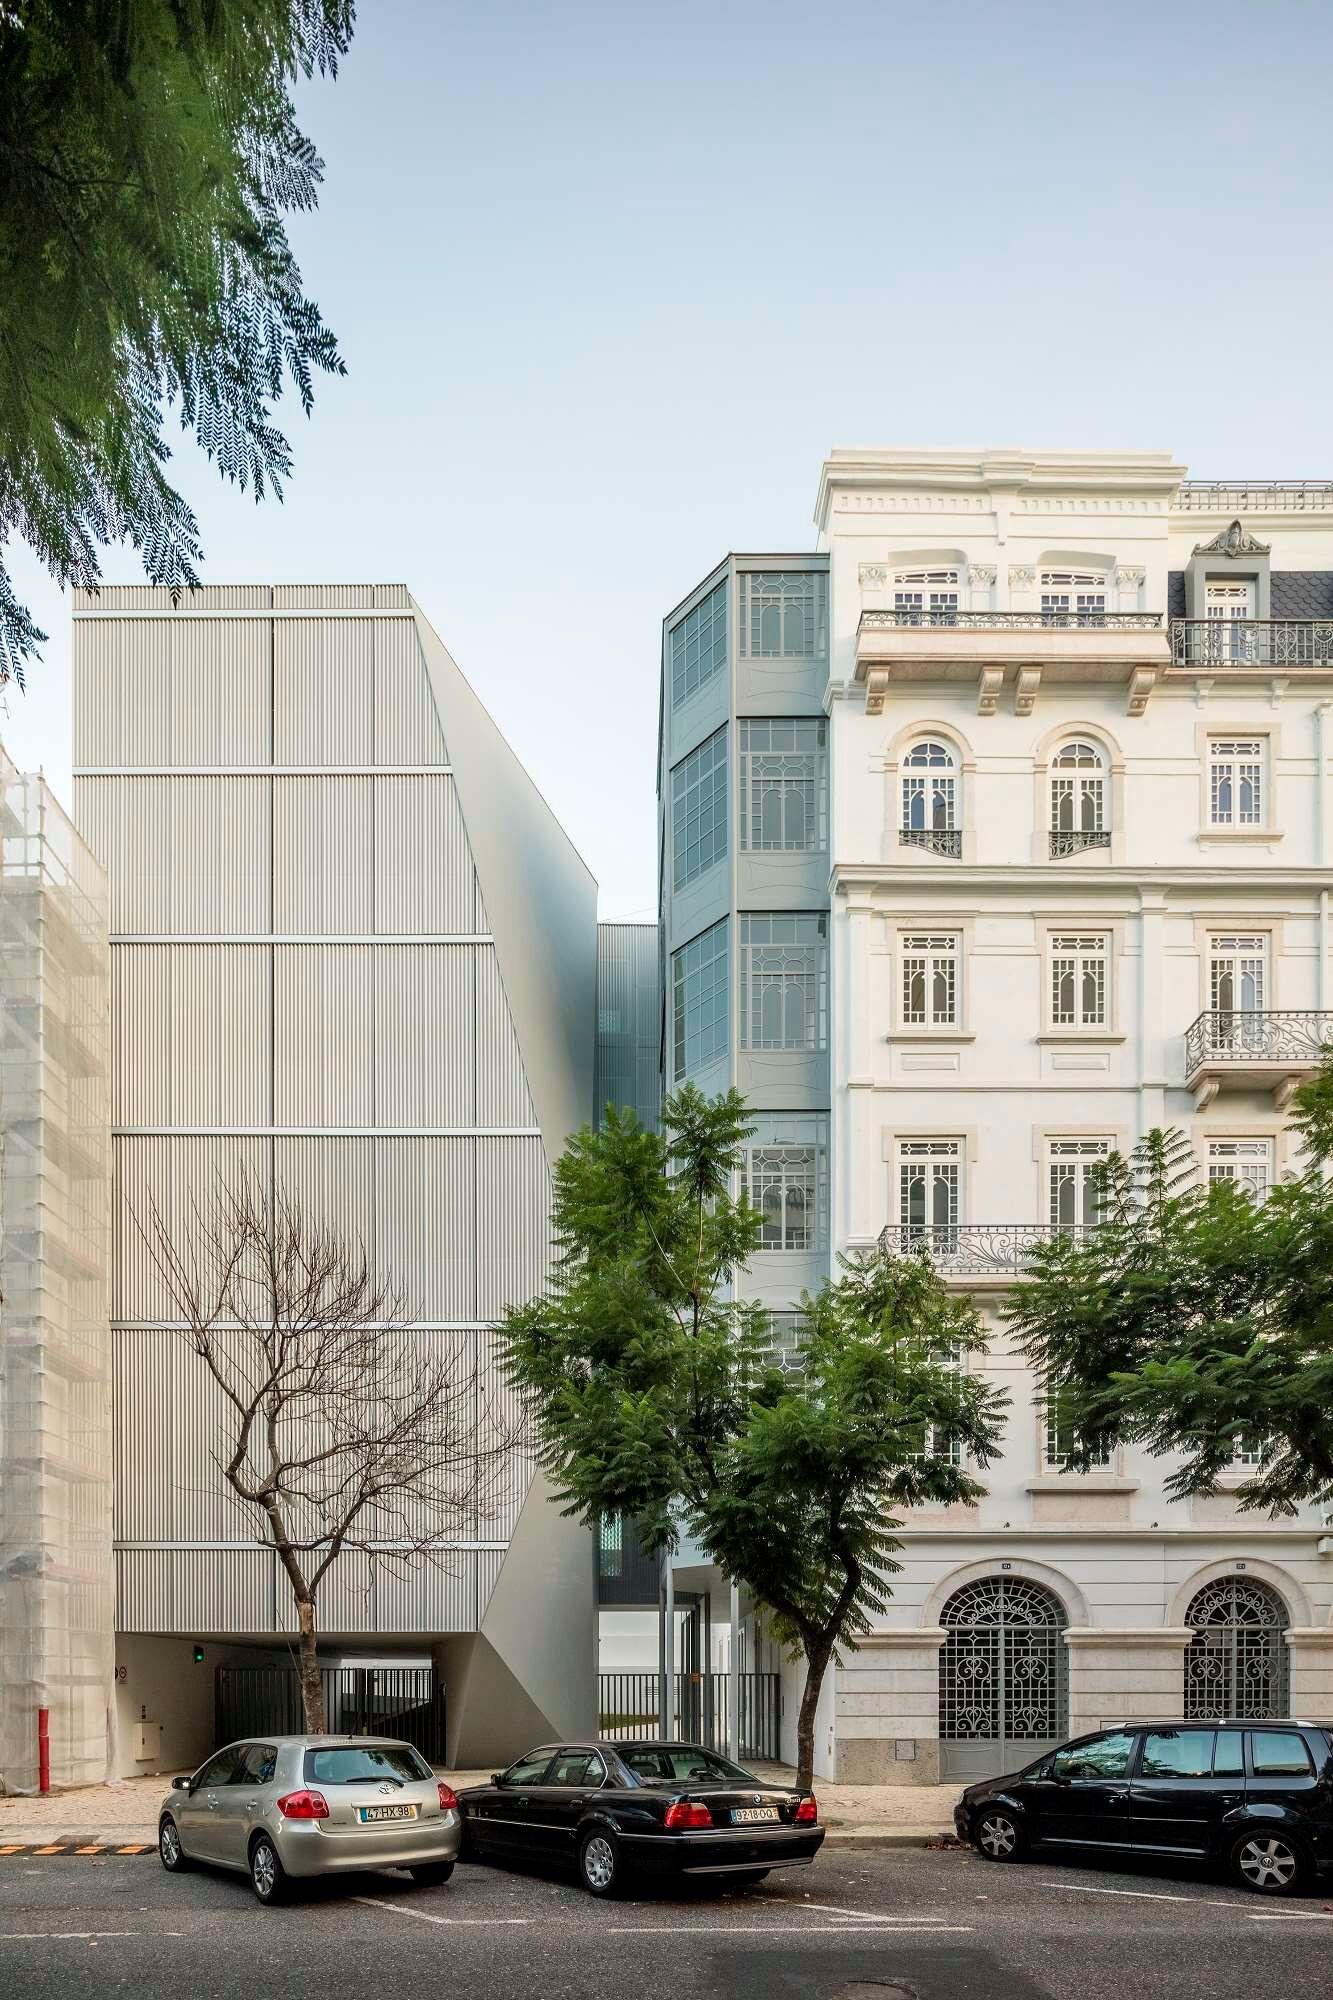 Prémio Nacional de Reabilitação Urbana – Cidade de Lisboa